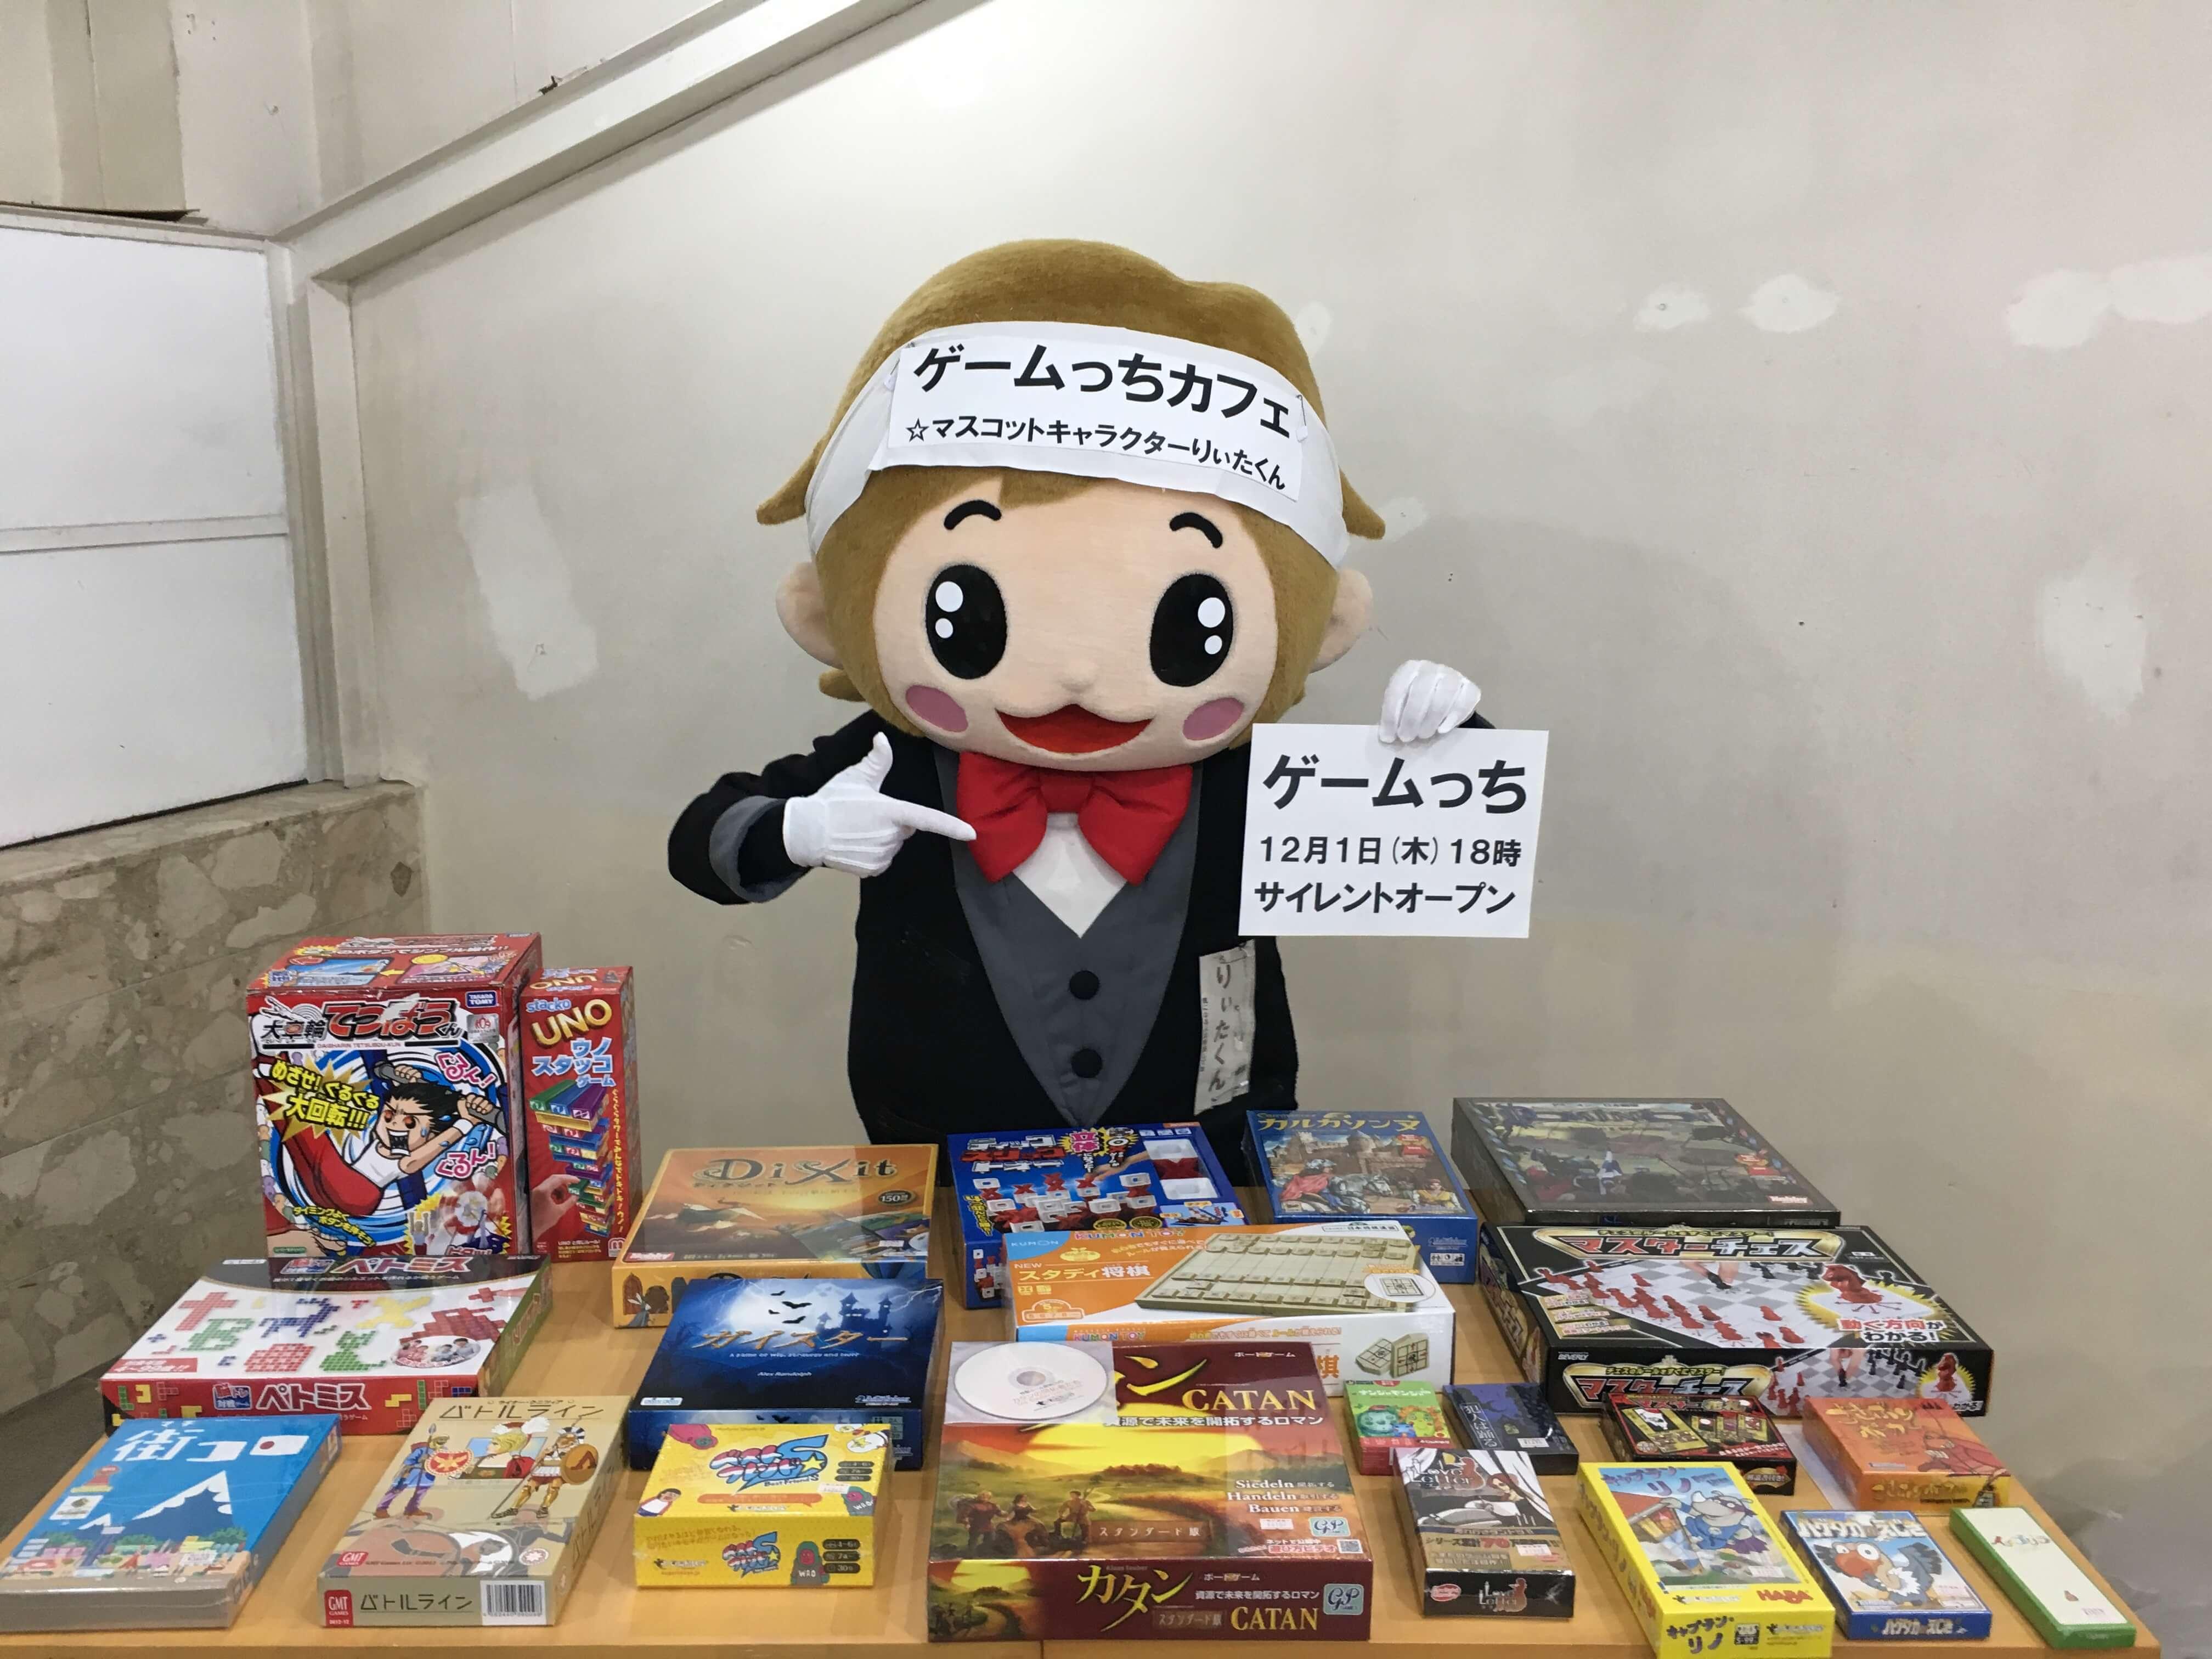 【開店】石川県初 !! 12月1日 竪町にゲームカフェがオープン !!その名は『ゲームっちカフェ』。スタッフも同時募集